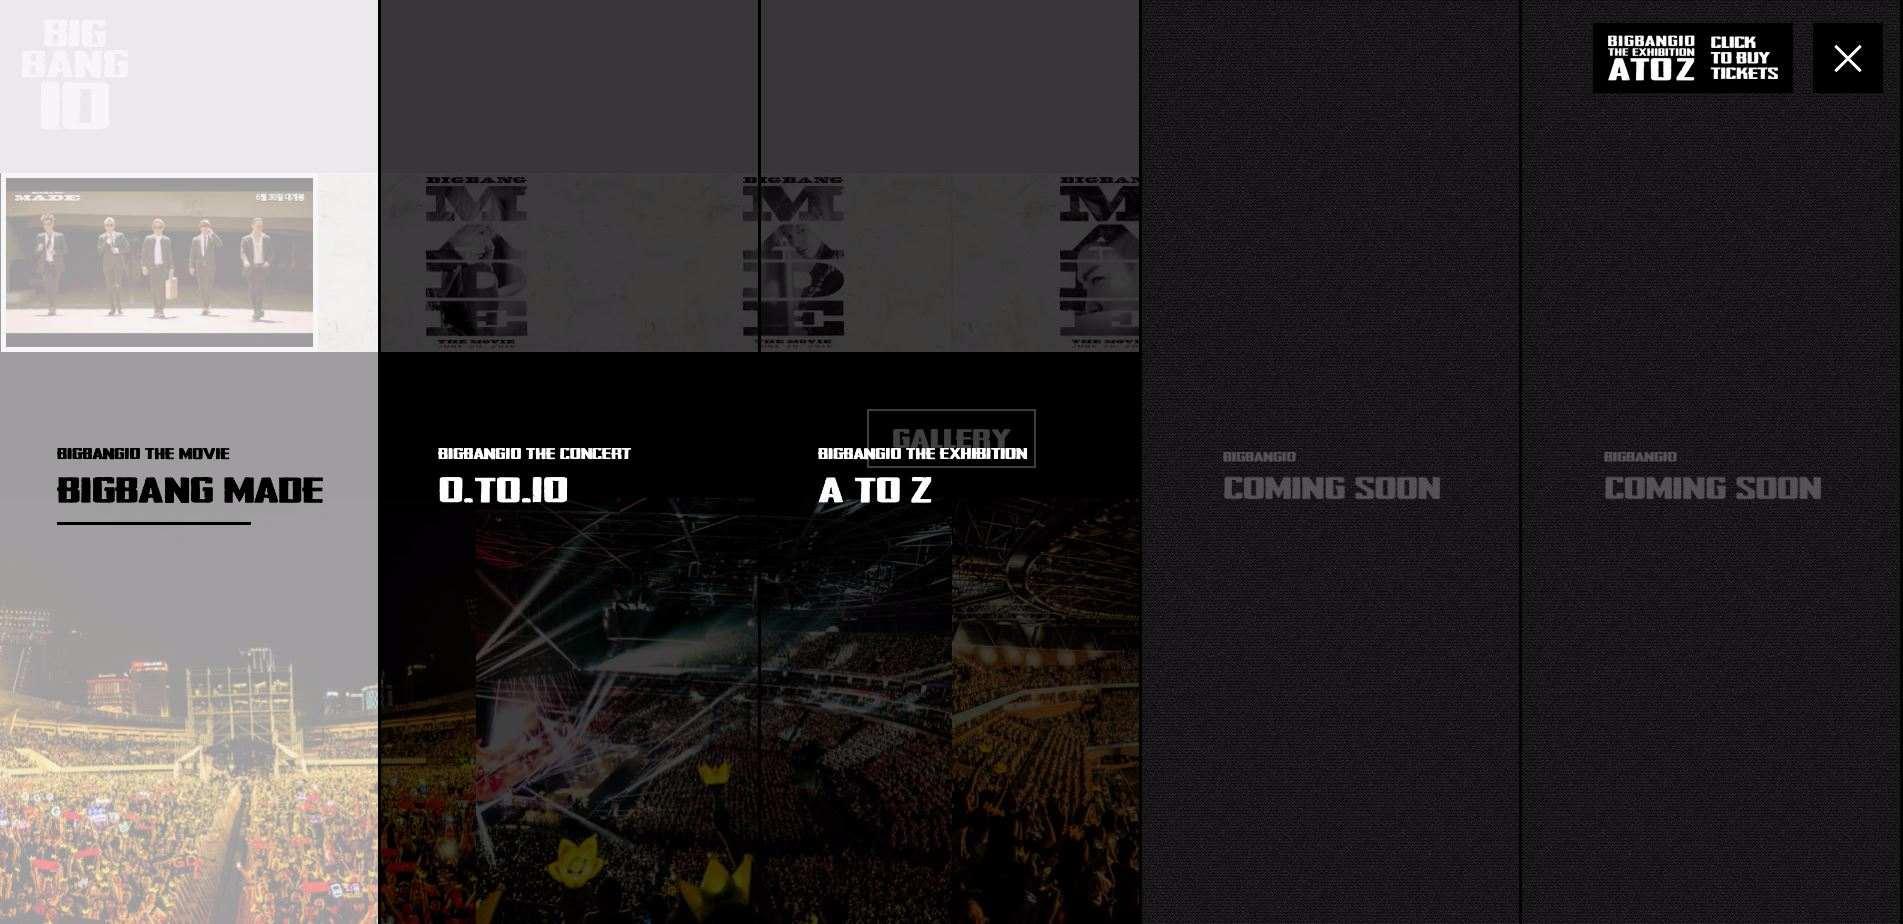 目前在BIGBANG10官網上還有兩項未公布的慶祝計畫,大家還以為WHO'S NEXT的主人公,會是接下來BIGBANG慶祝計畫的其中之一